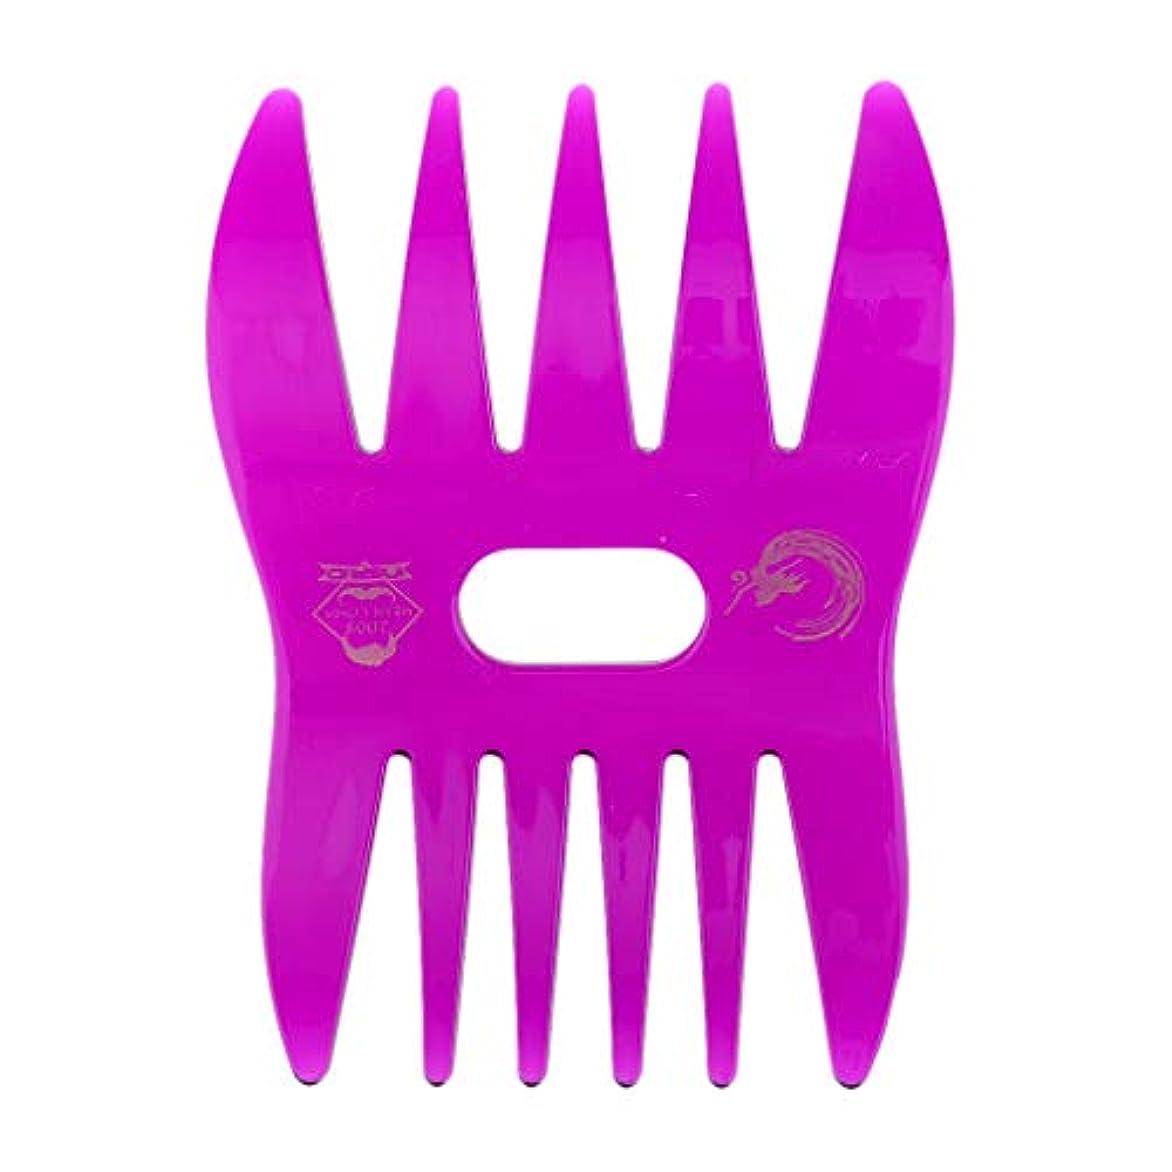 ウッズレオナルドダ用心するP Prettyia ヘアコーム ヘアブラシ デュアルサイド ワイド 細かい歯 プロ ヘアスタイリスト 櫛 4色選べ - 紫